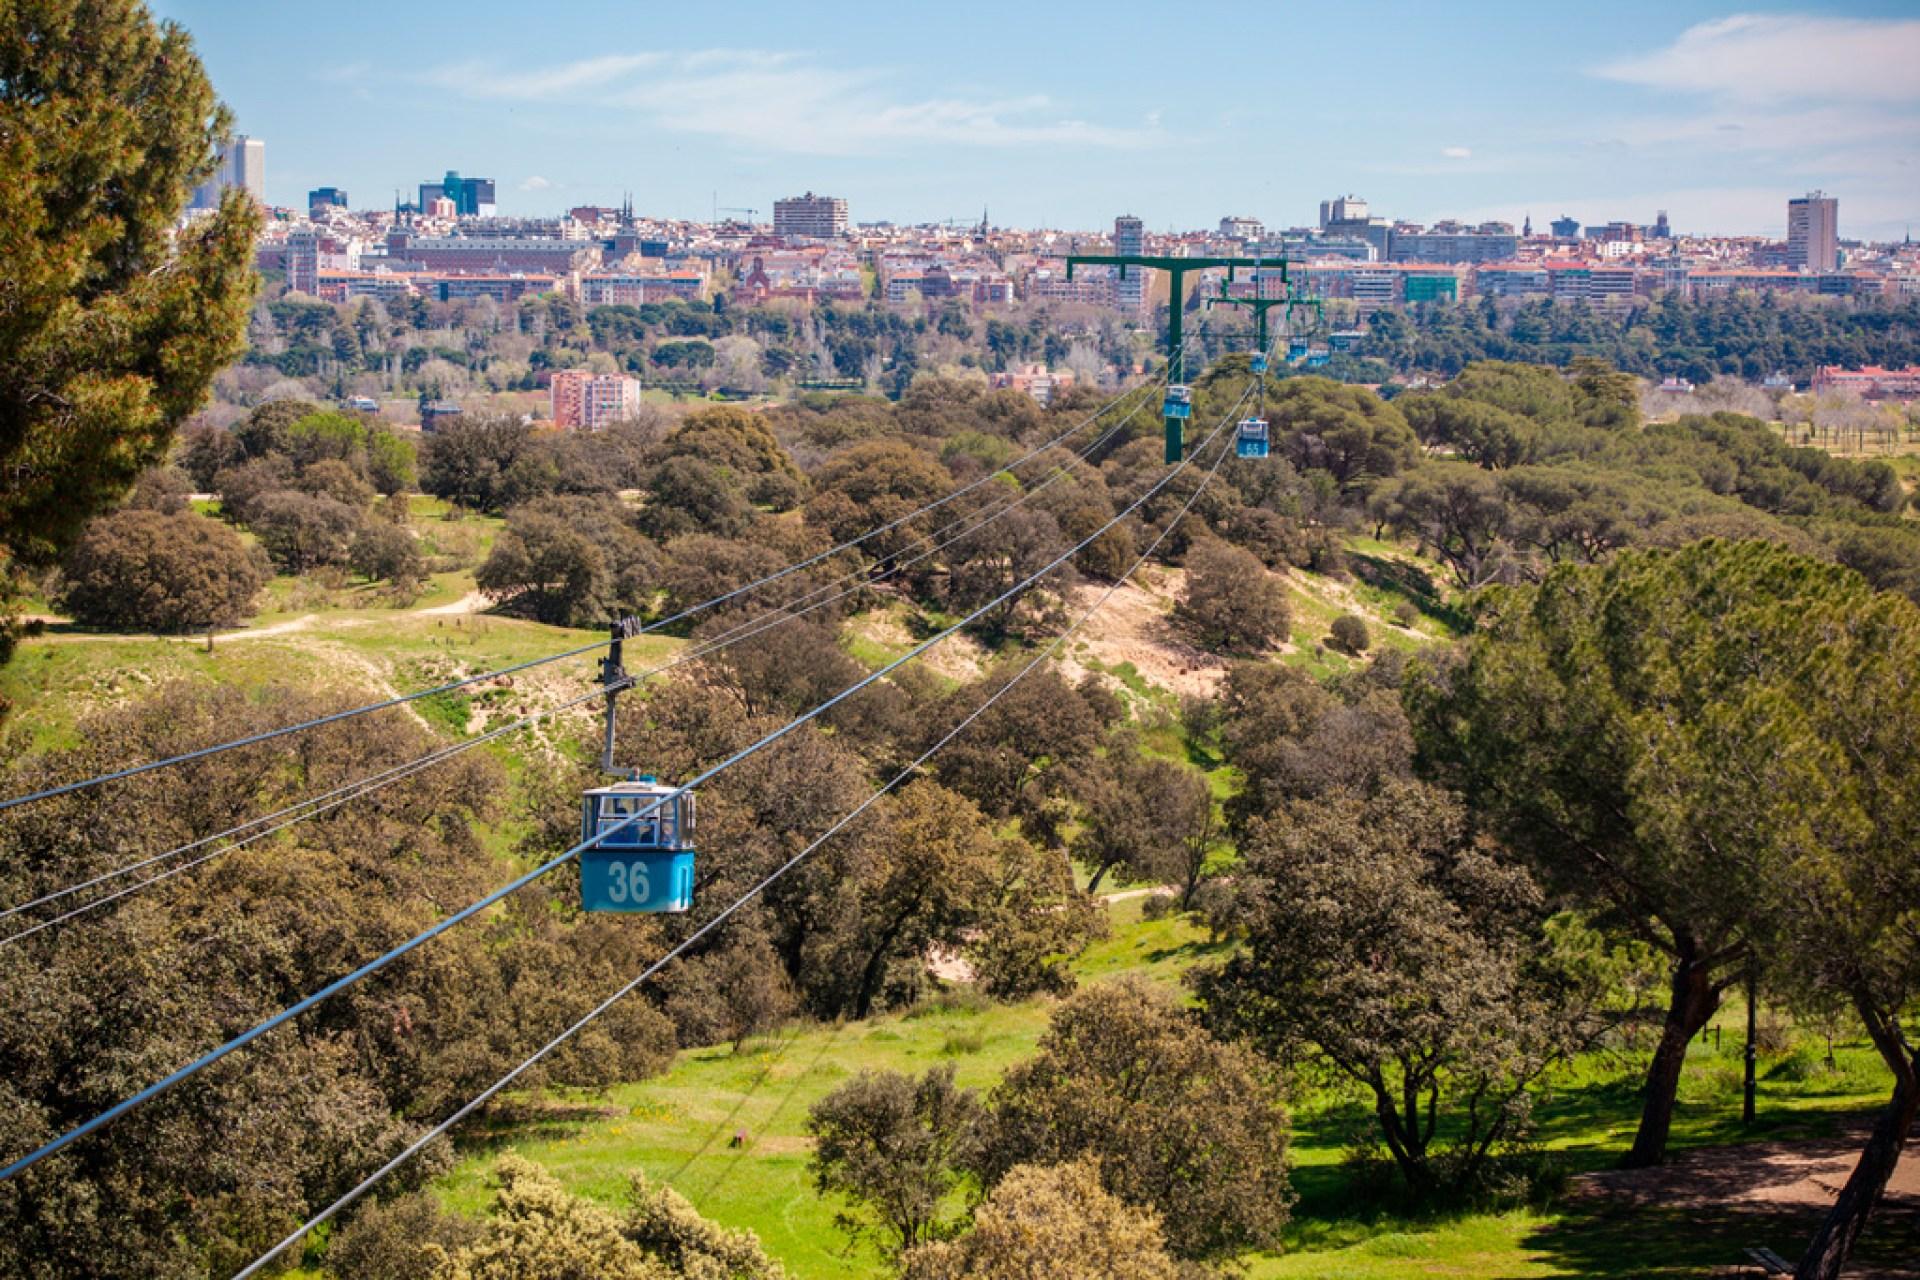 Widok na miasto ze stacji Teleferico w Casa de Campo